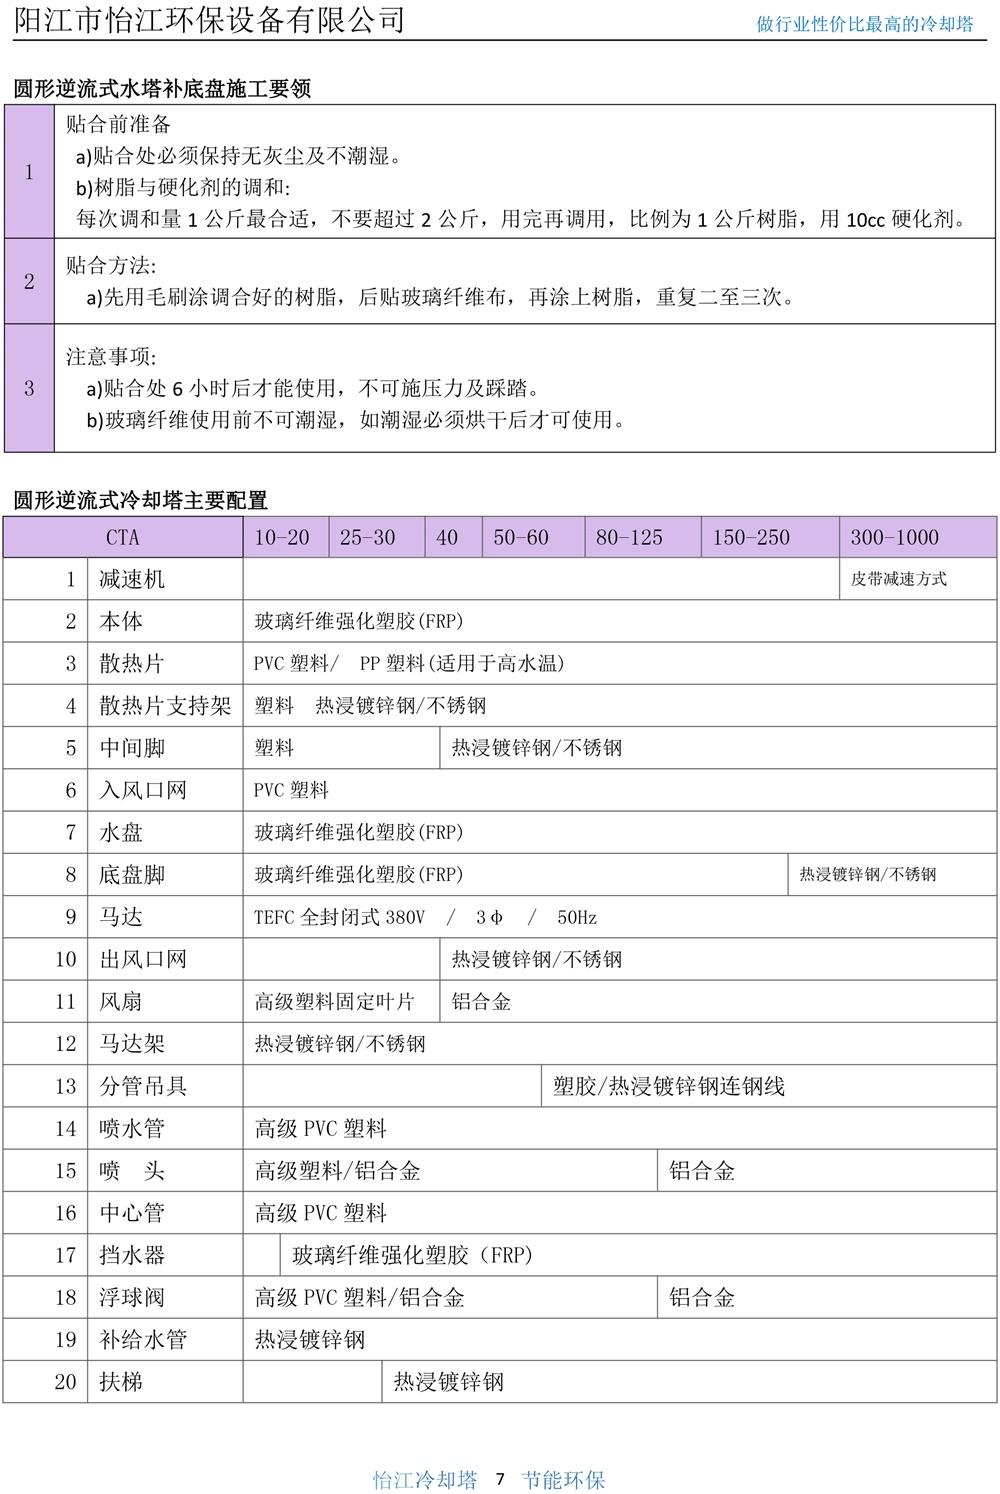 產品手冊(彩頁)3-7.jpg